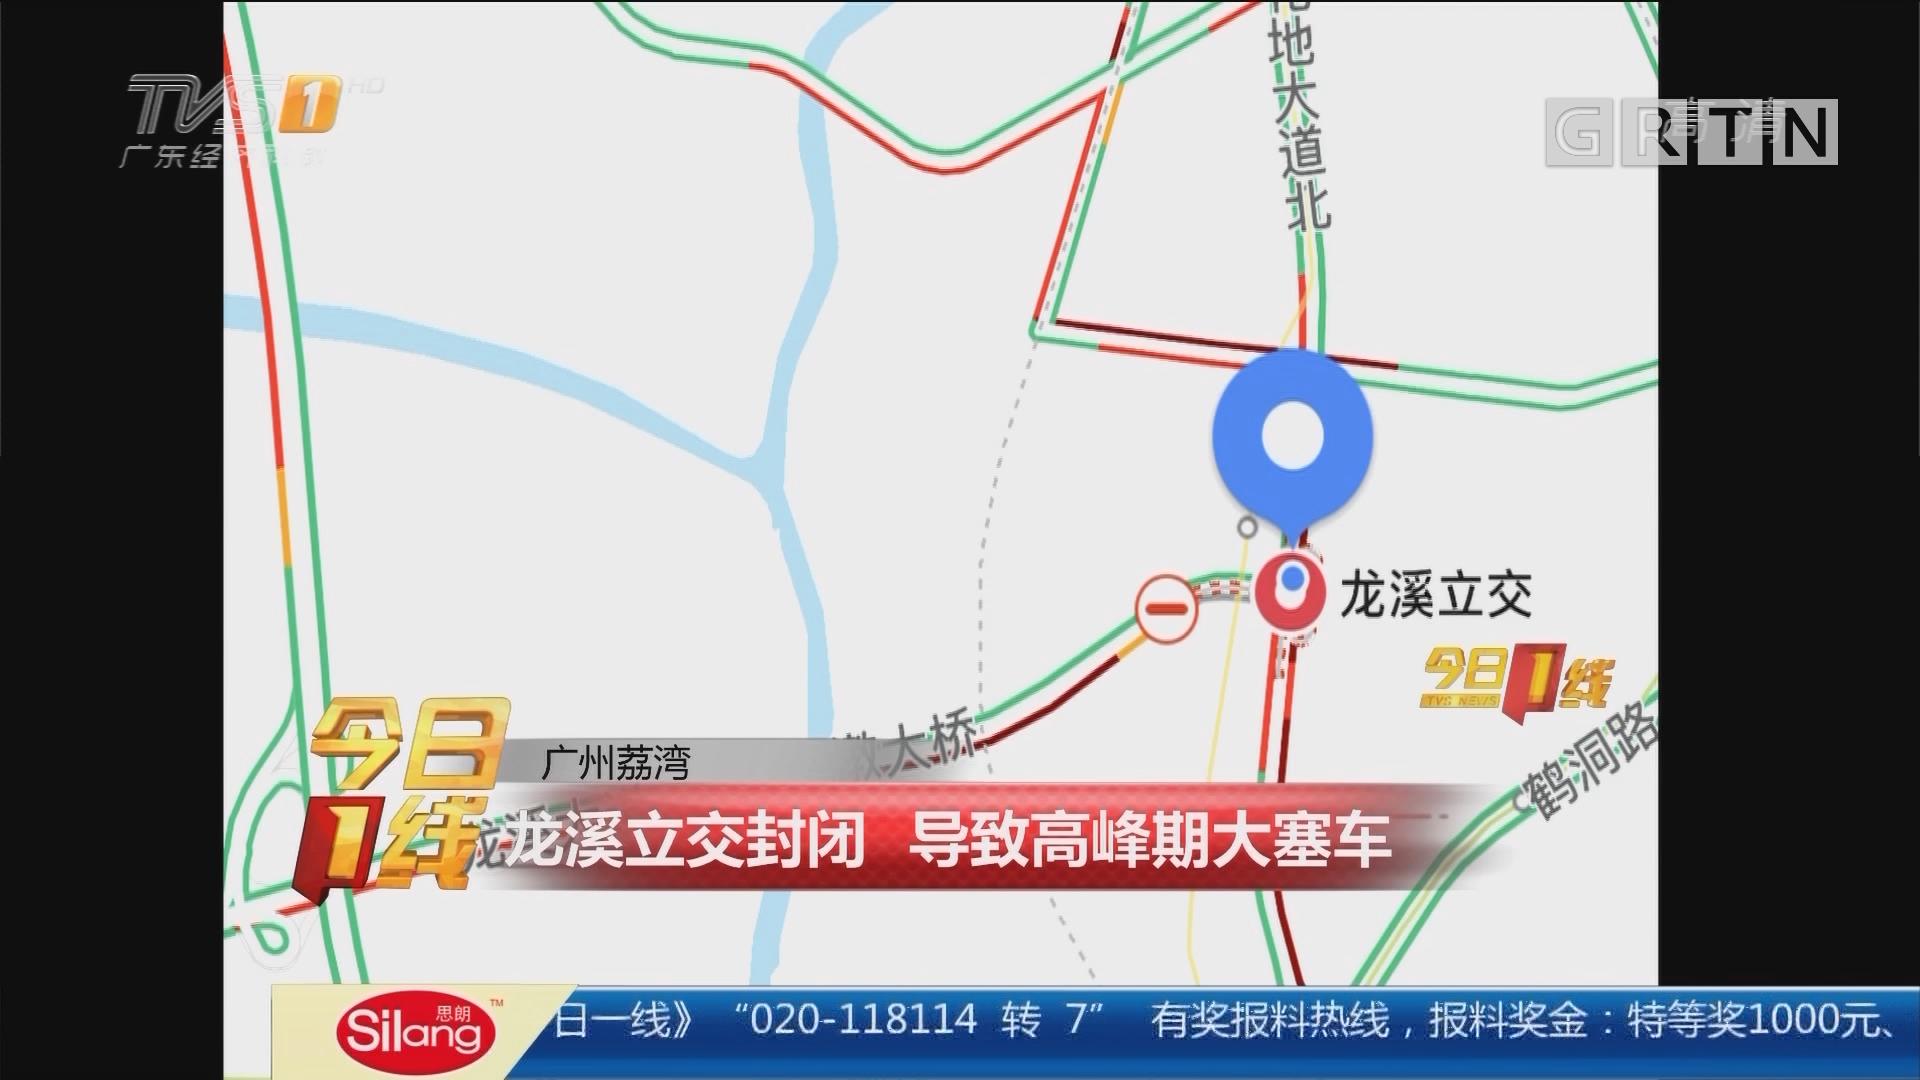 广州荔湾:龙溪立交封闭 导致高峰期大塞车